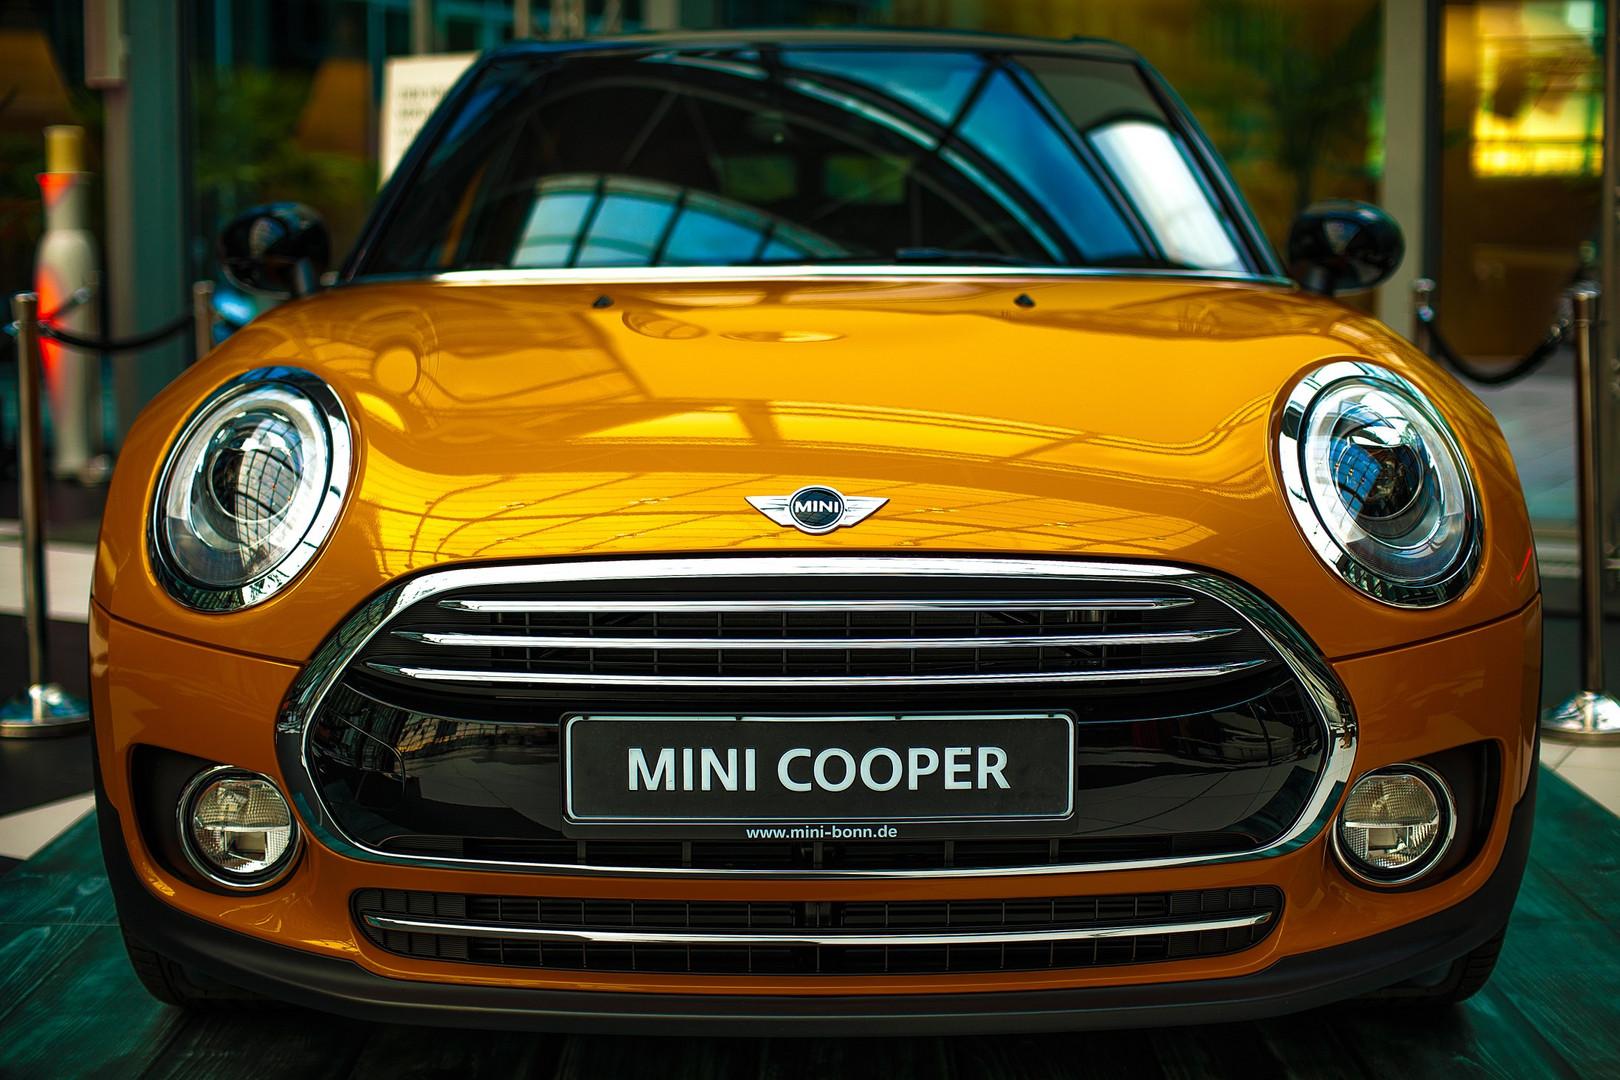 Kameha Grand Bonn in Mini Cooper